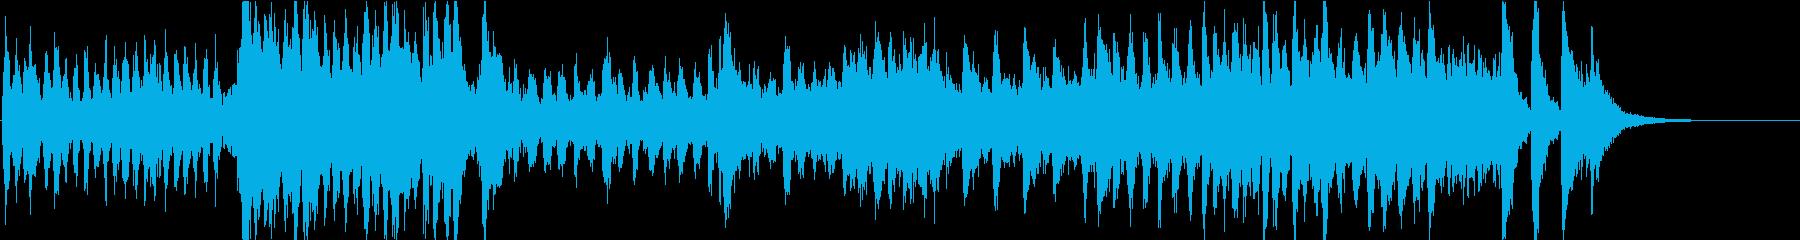 オーケストラ調いきなり次回予告の再生済みの波形